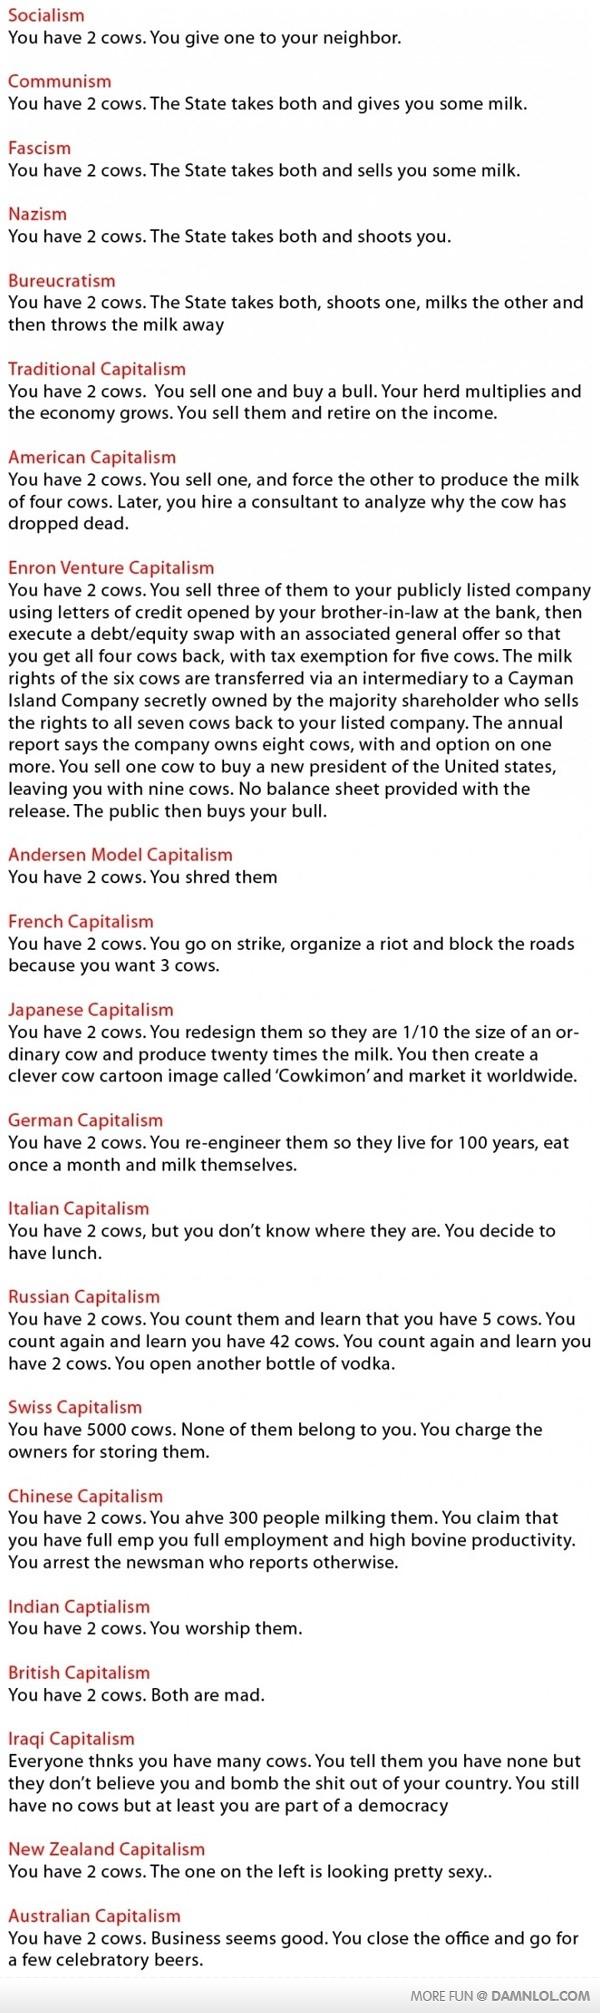 De wereld economie in koeien…